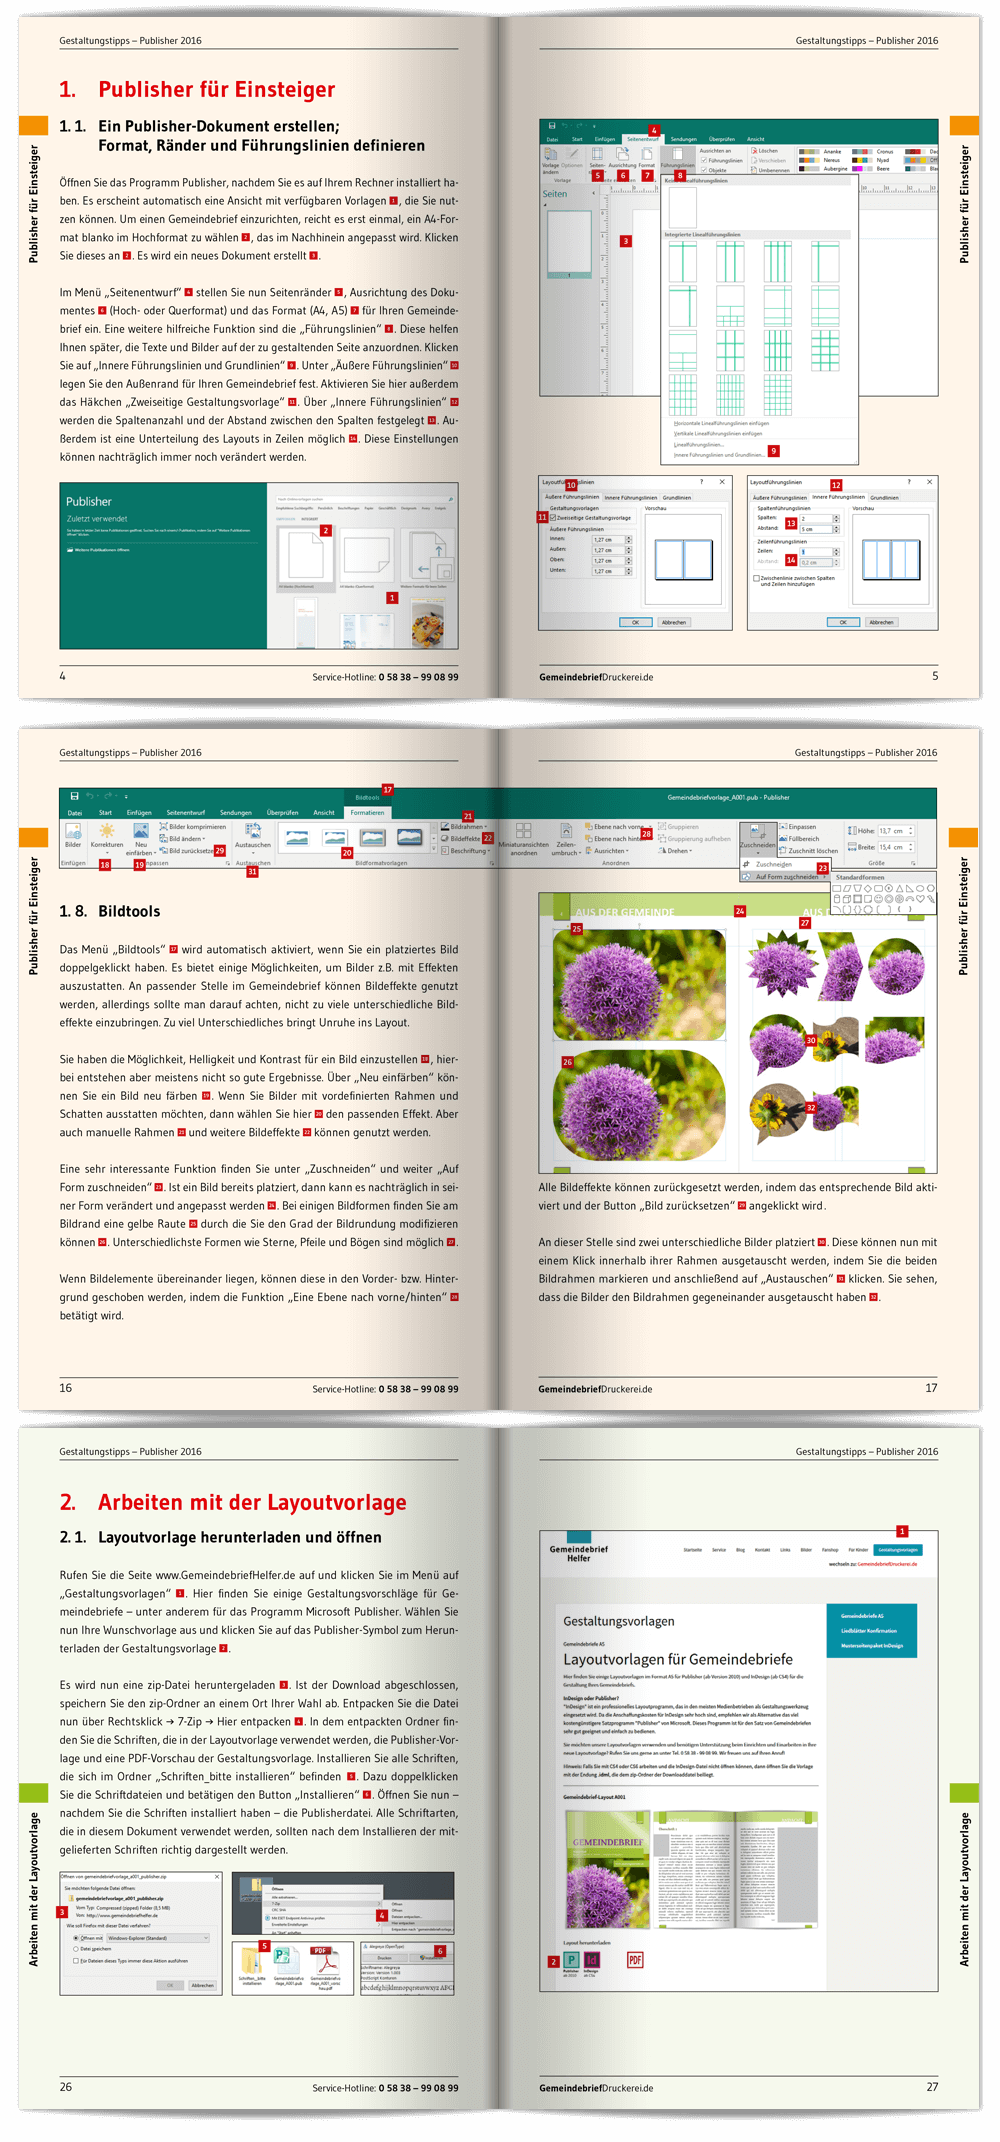 Ungewöhnlich Publisher 2010 Vorlagen Bilder ...